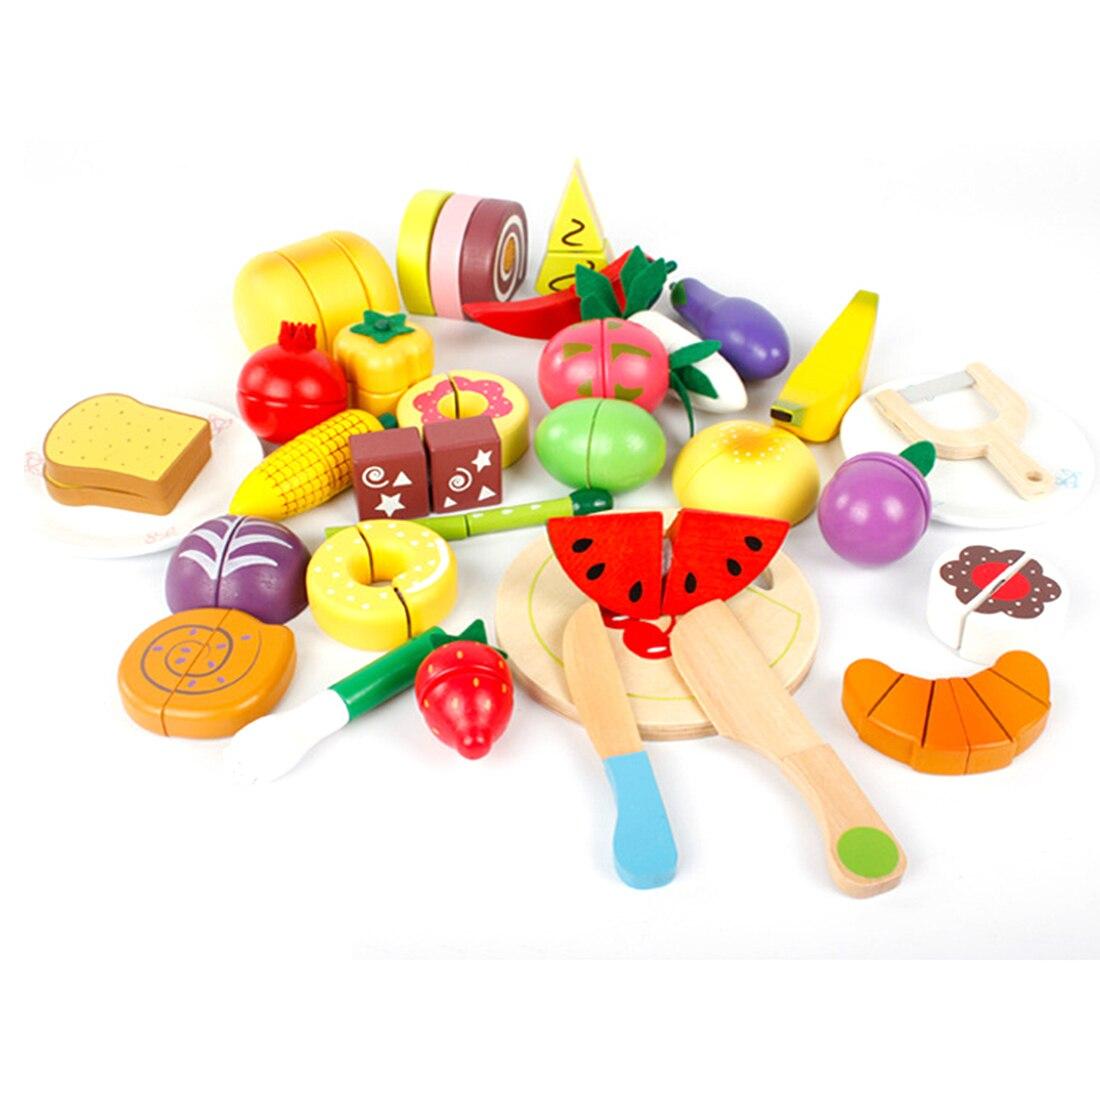 Haute qualité 32 pièces bébé en bois cuisine jouets coupe fruits gâteau alimentaire éducation jouets pour enfants fille pour enfants d'âge préscolaire enfants cadeaux